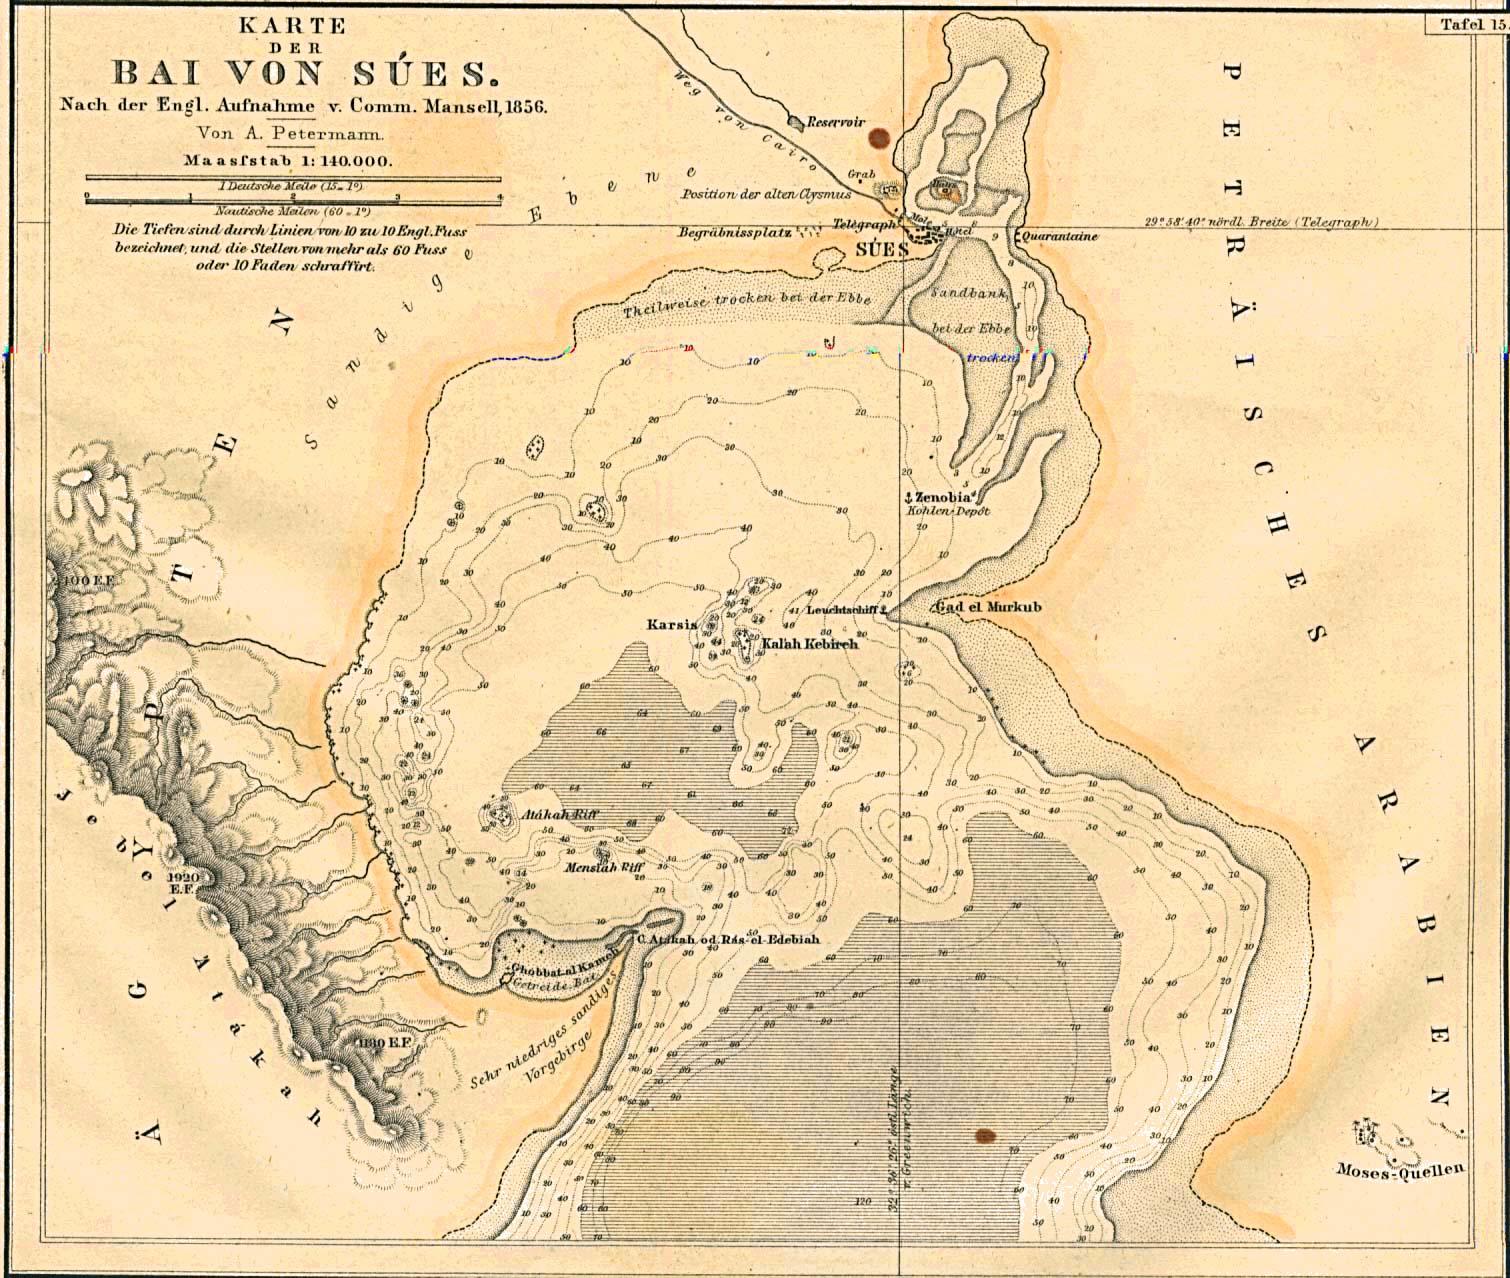 Mapa de la Bahía de Suez, Egipto 1856